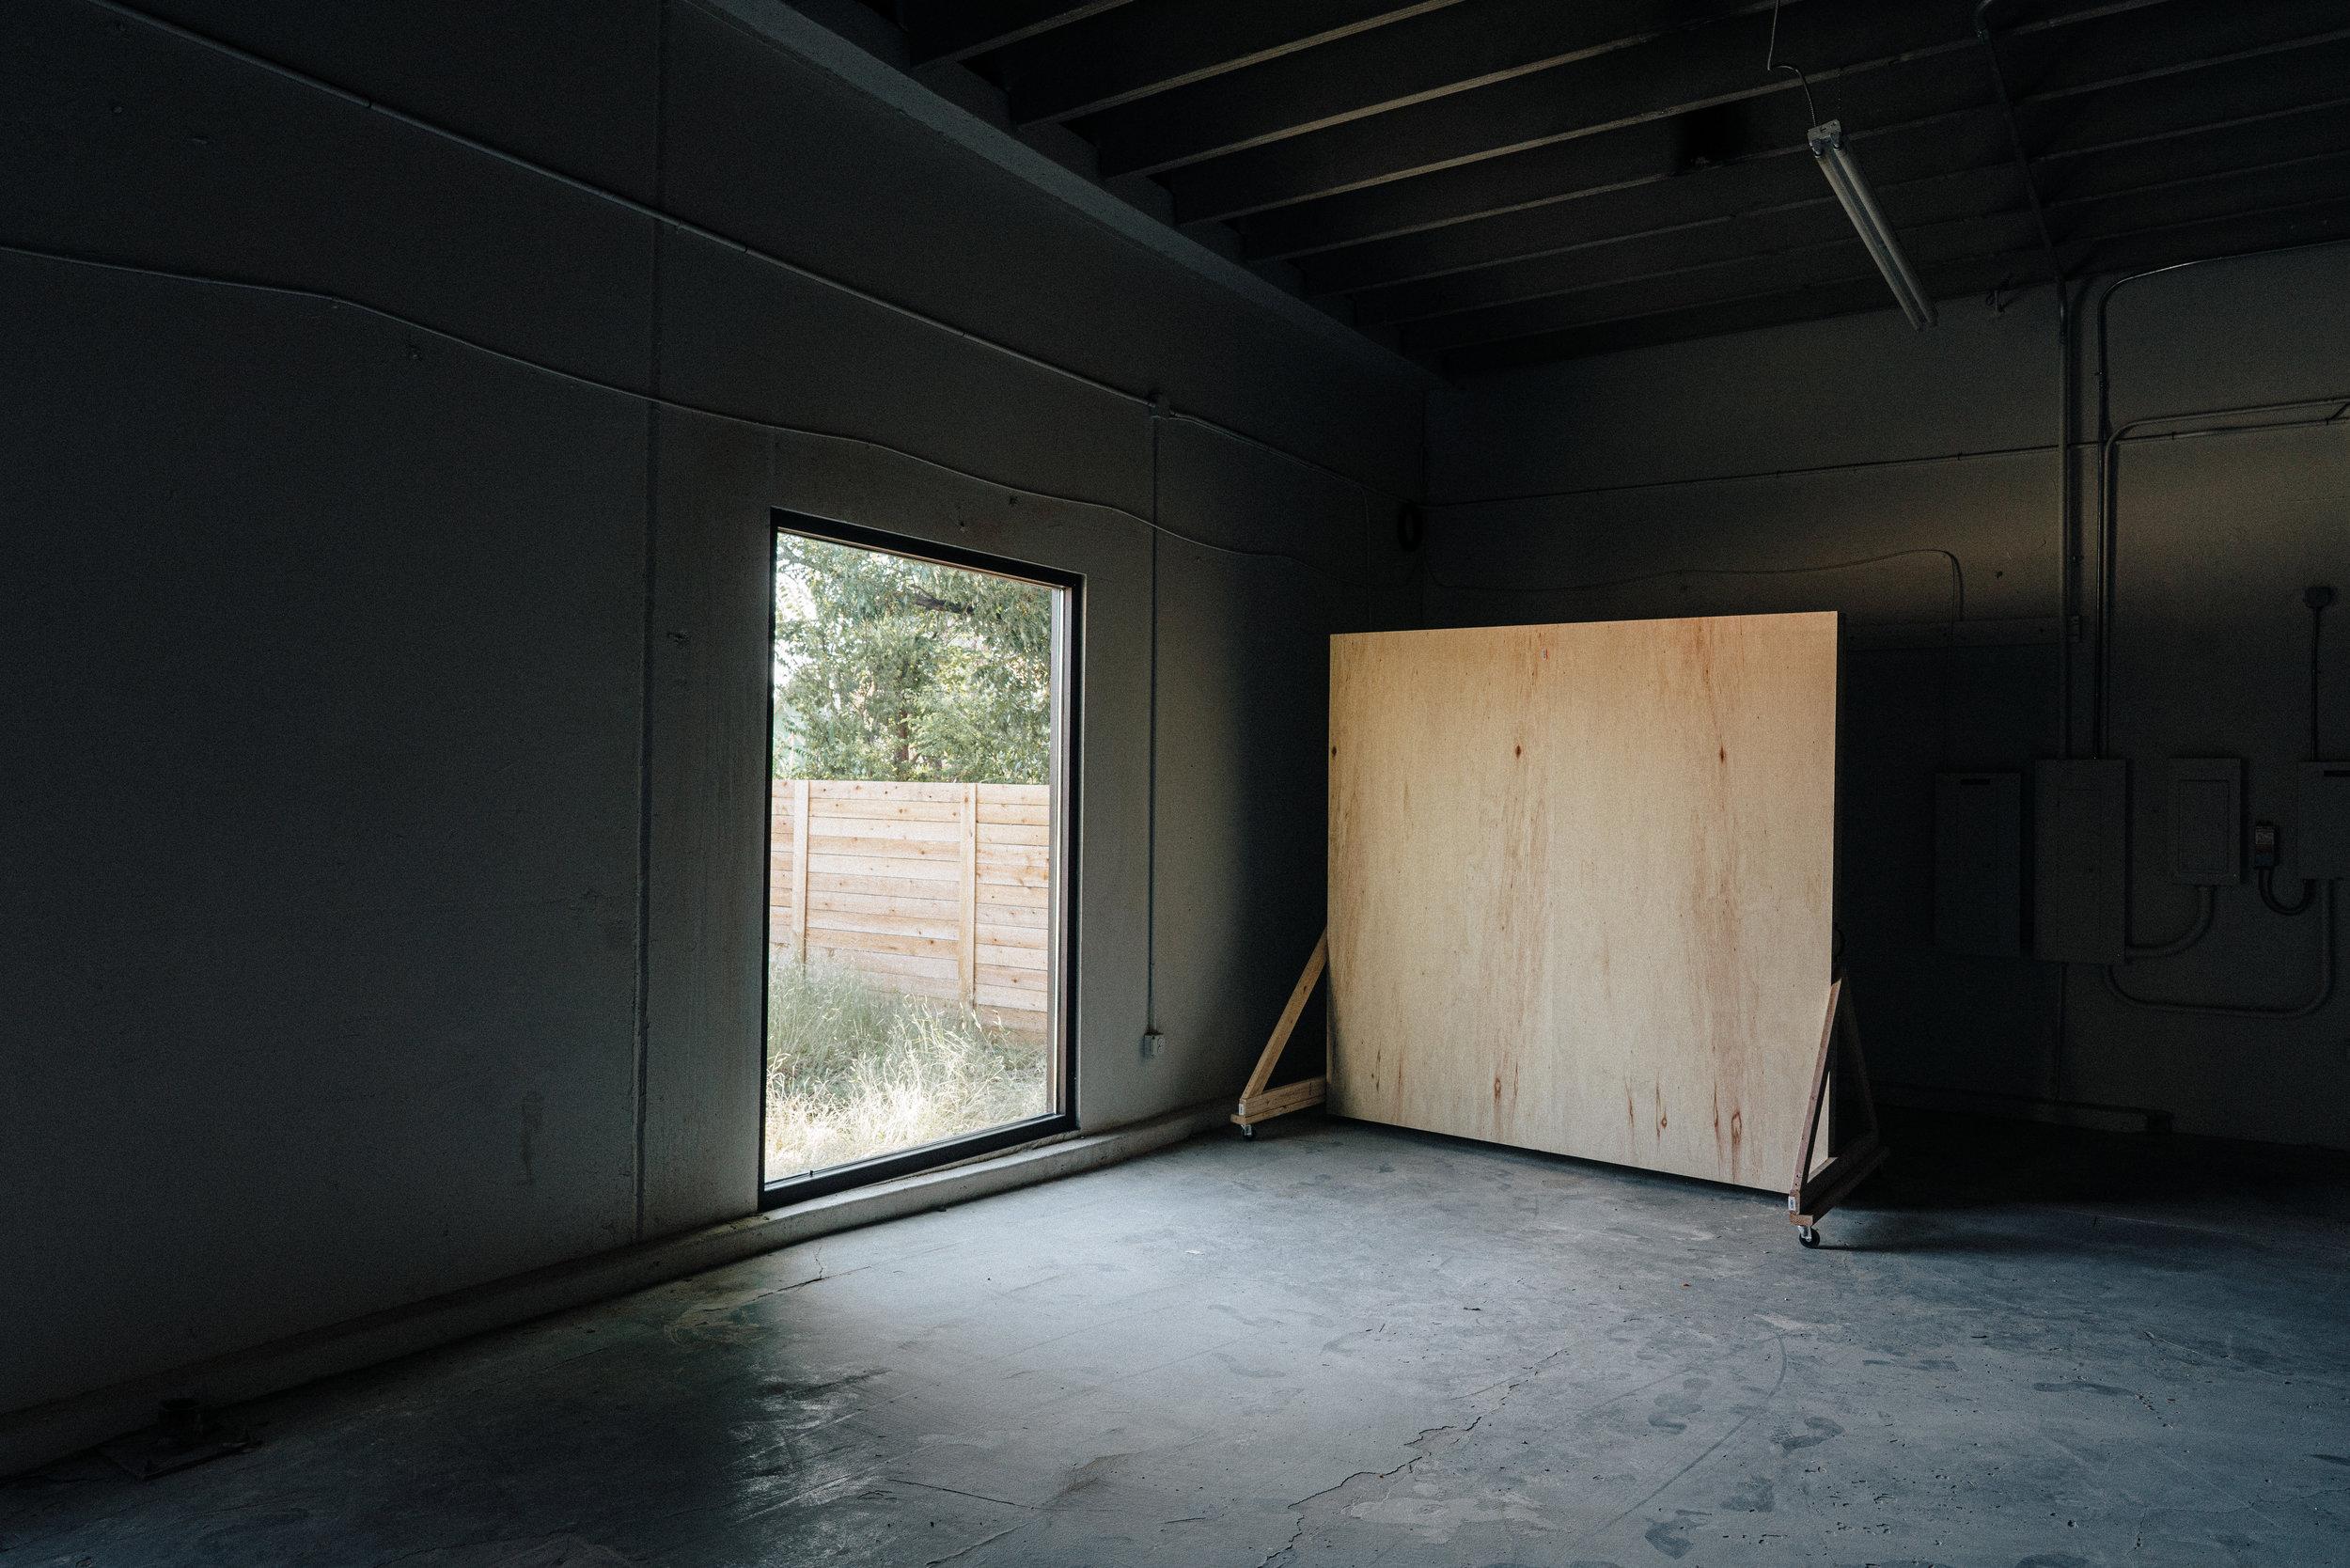 thedarkroom-room2-4.jpg